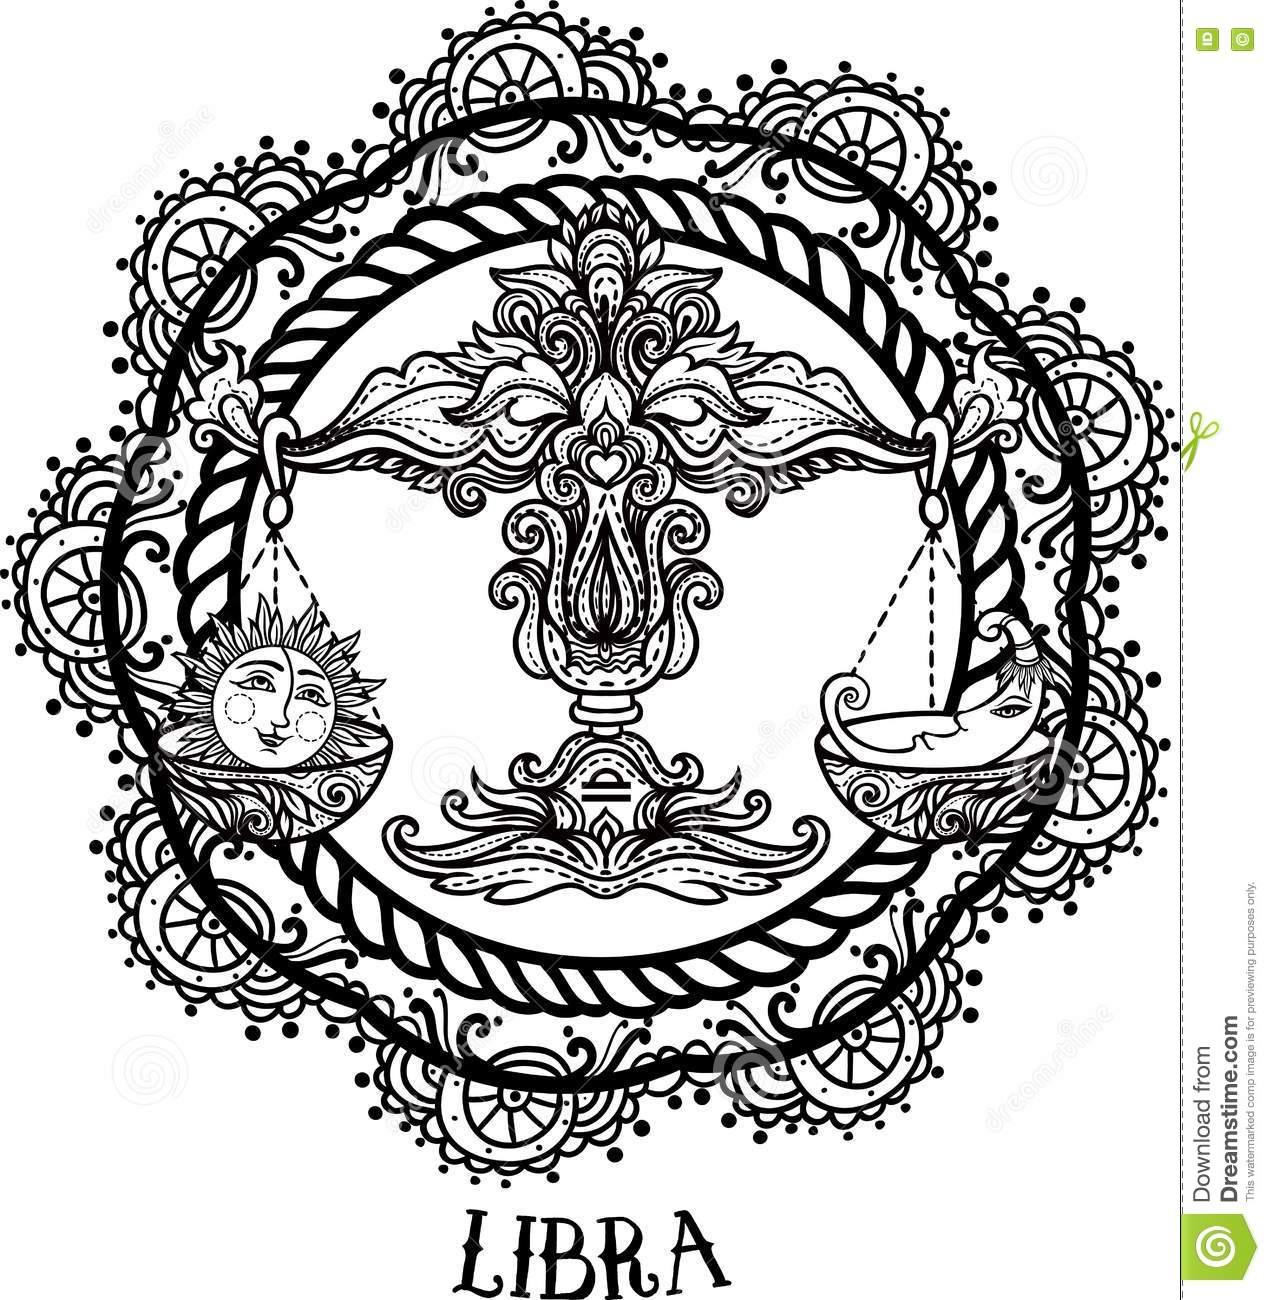 Libra coloring #11, Download drawings